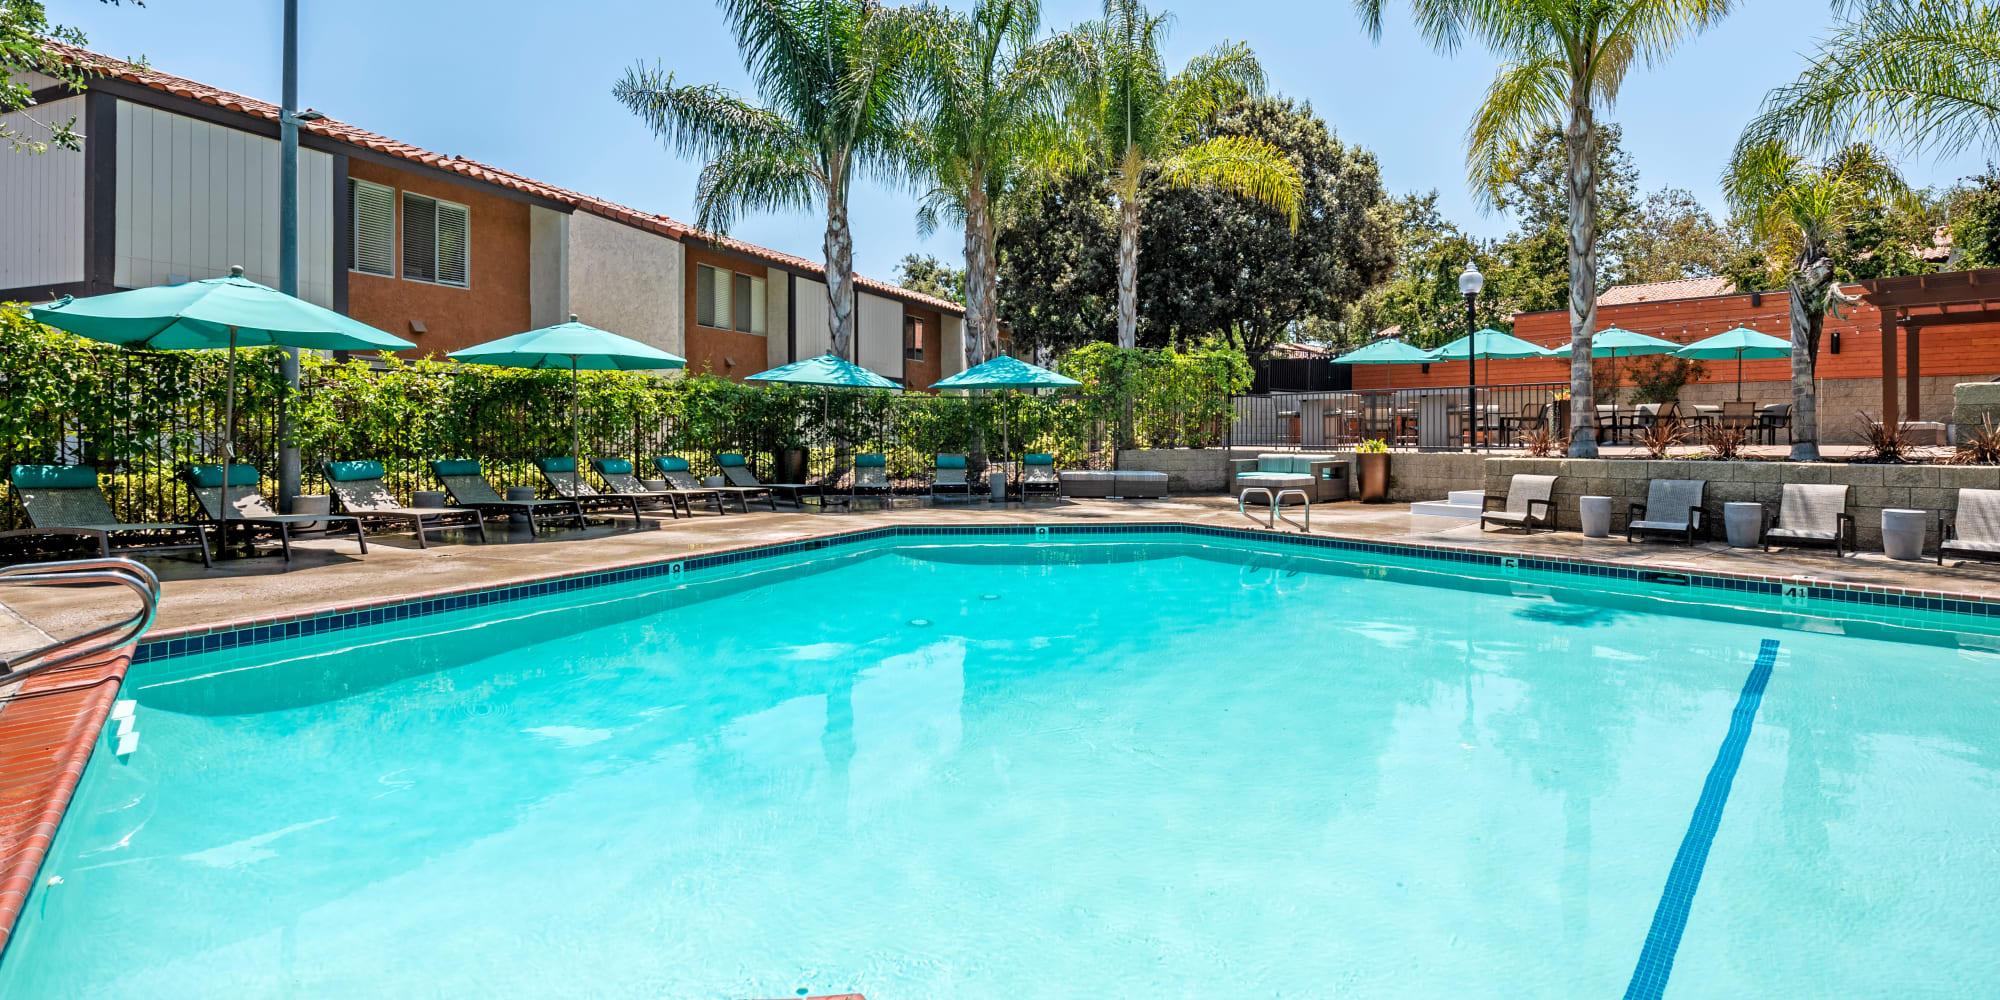 Apartments in Thousand Oaks, California, at Sofi Thousand Oaks